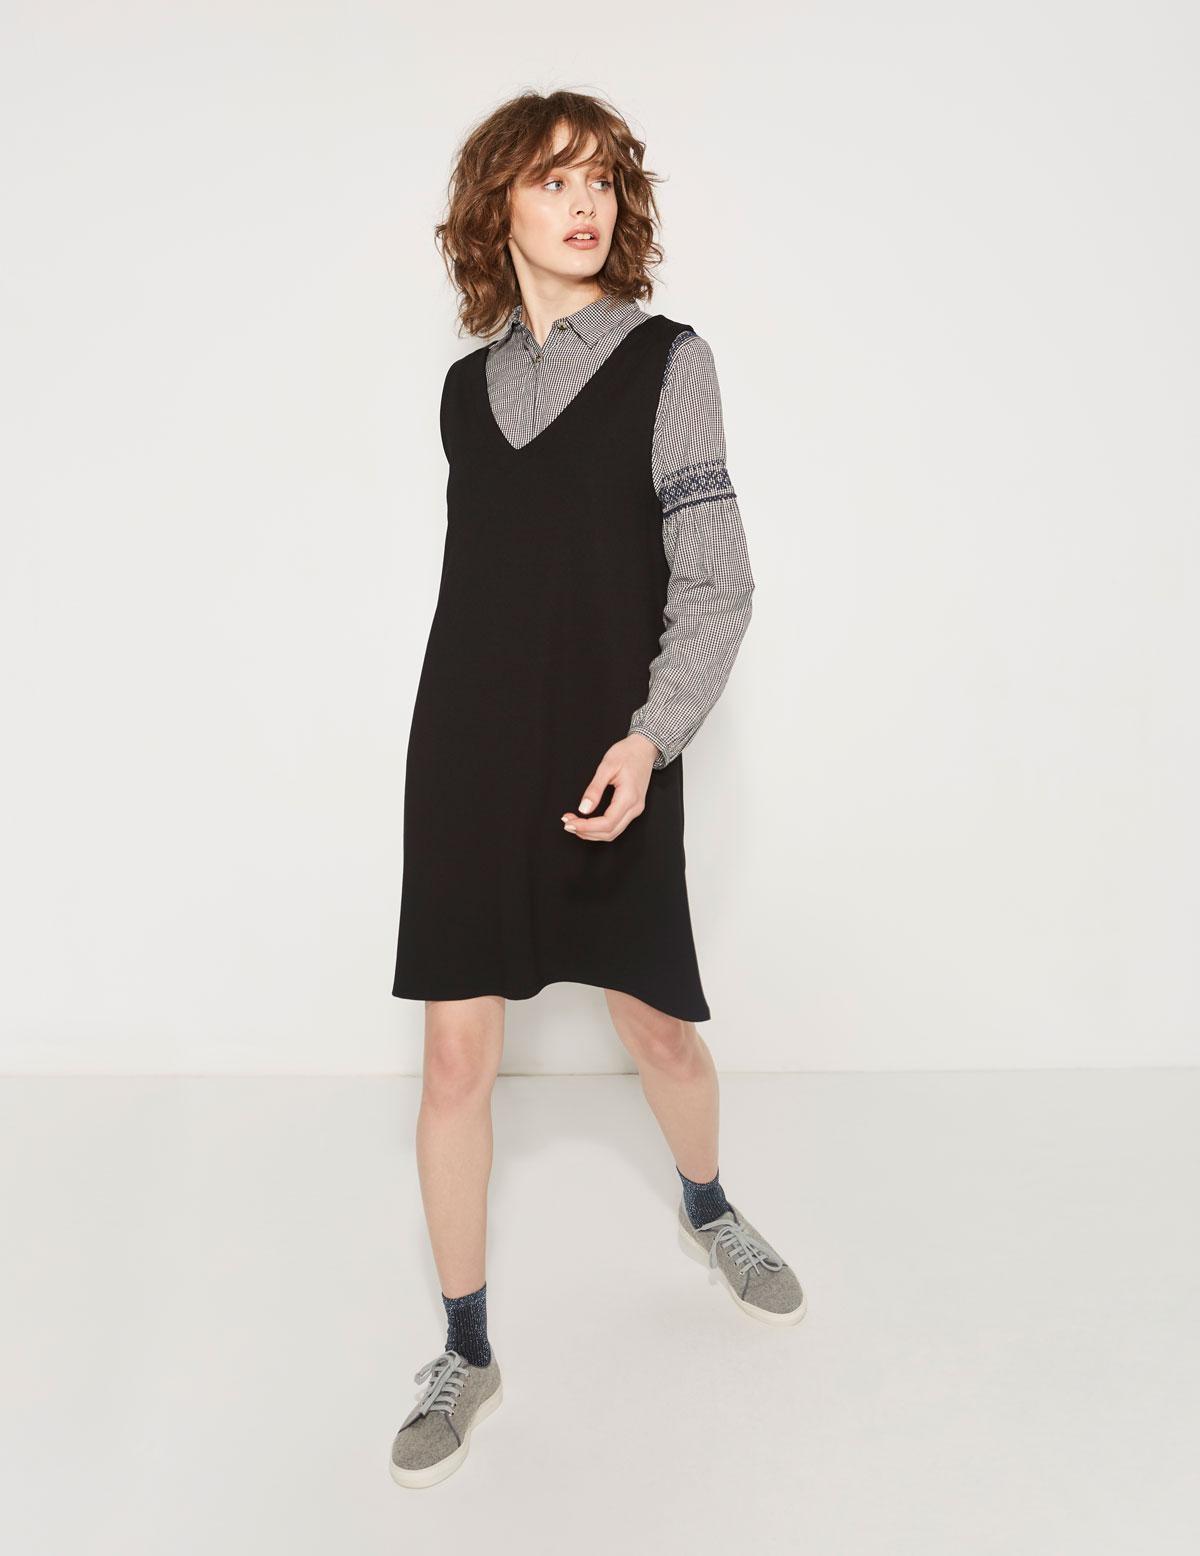 Vestido pichi - Ítem1